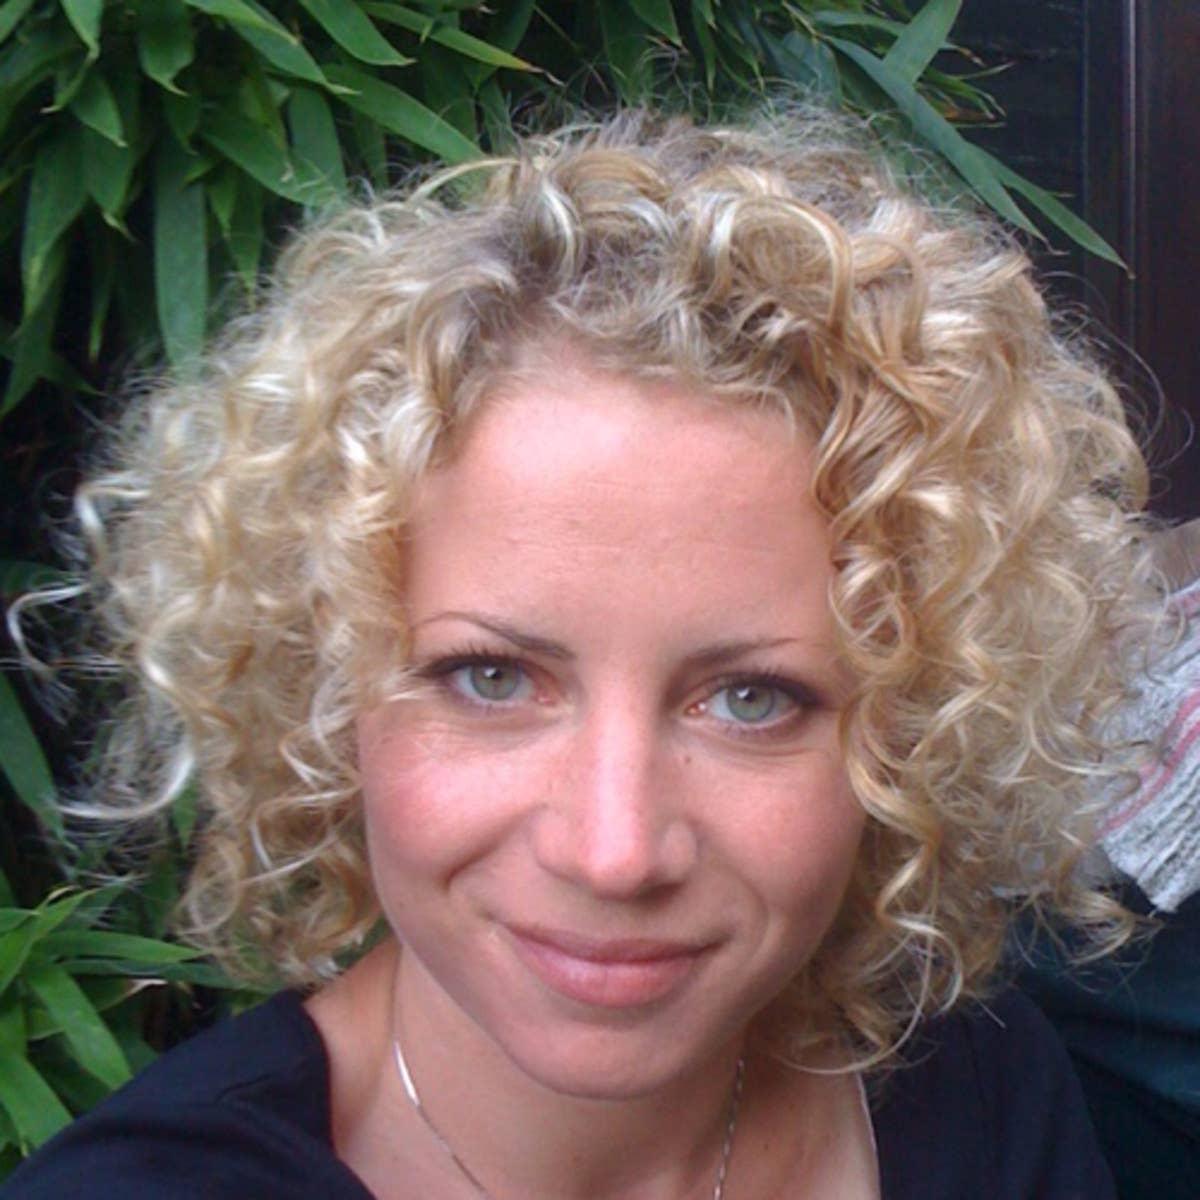 Noellie Boden